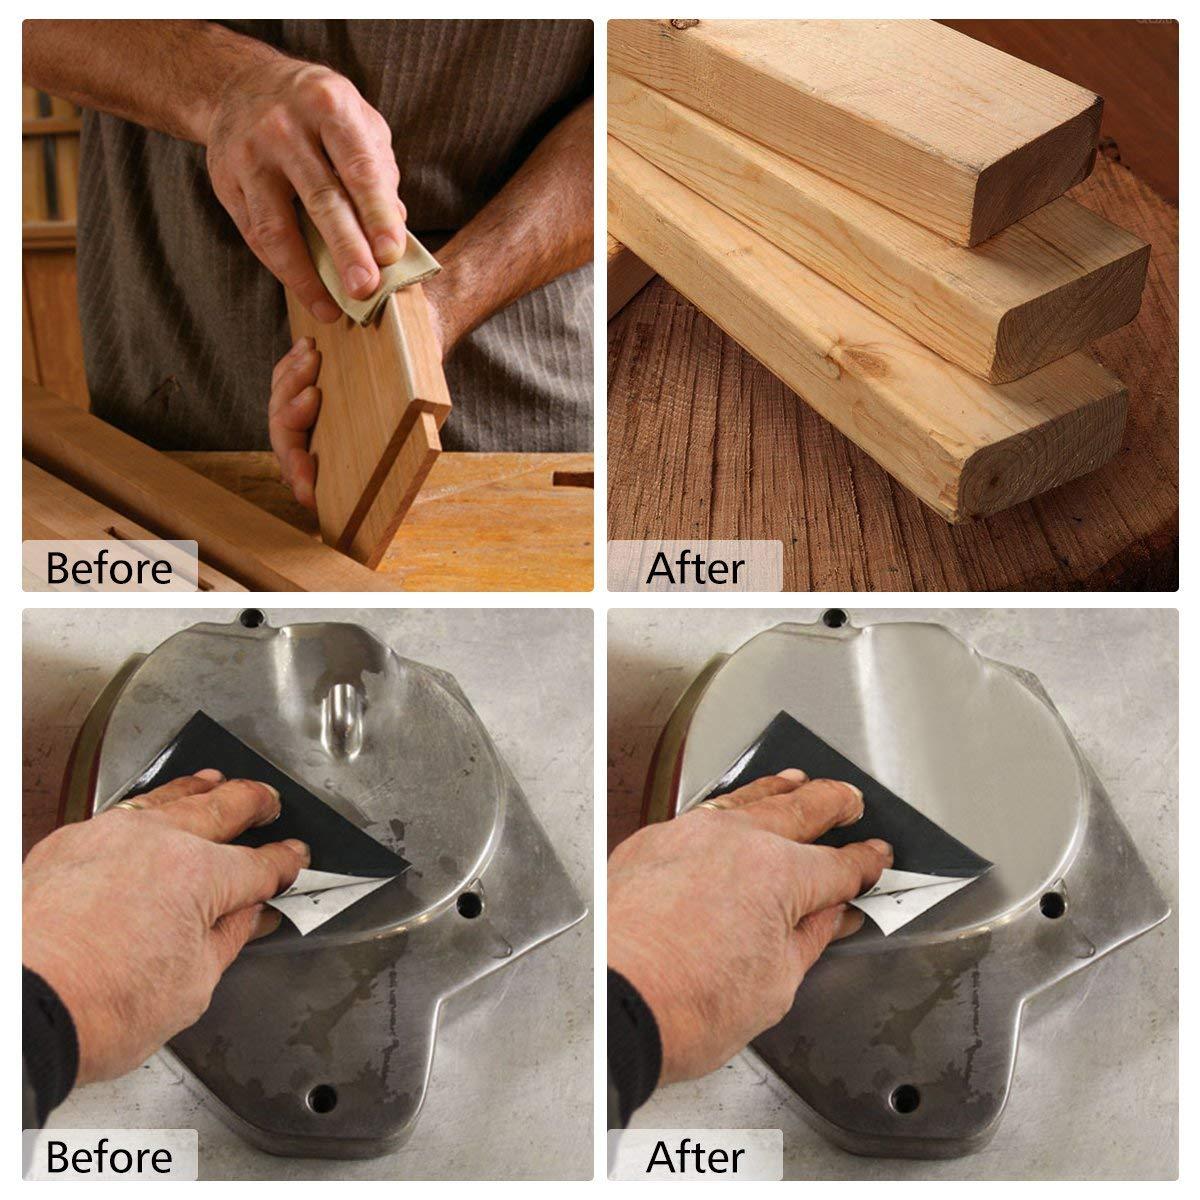 grain 120 /à 3000 finition de meubles en bois et finition de tournage du bois polissage rouill/é Lot de 14 papiers abrasifs imperm/éables /à sec et humides pour pon/çage automobile